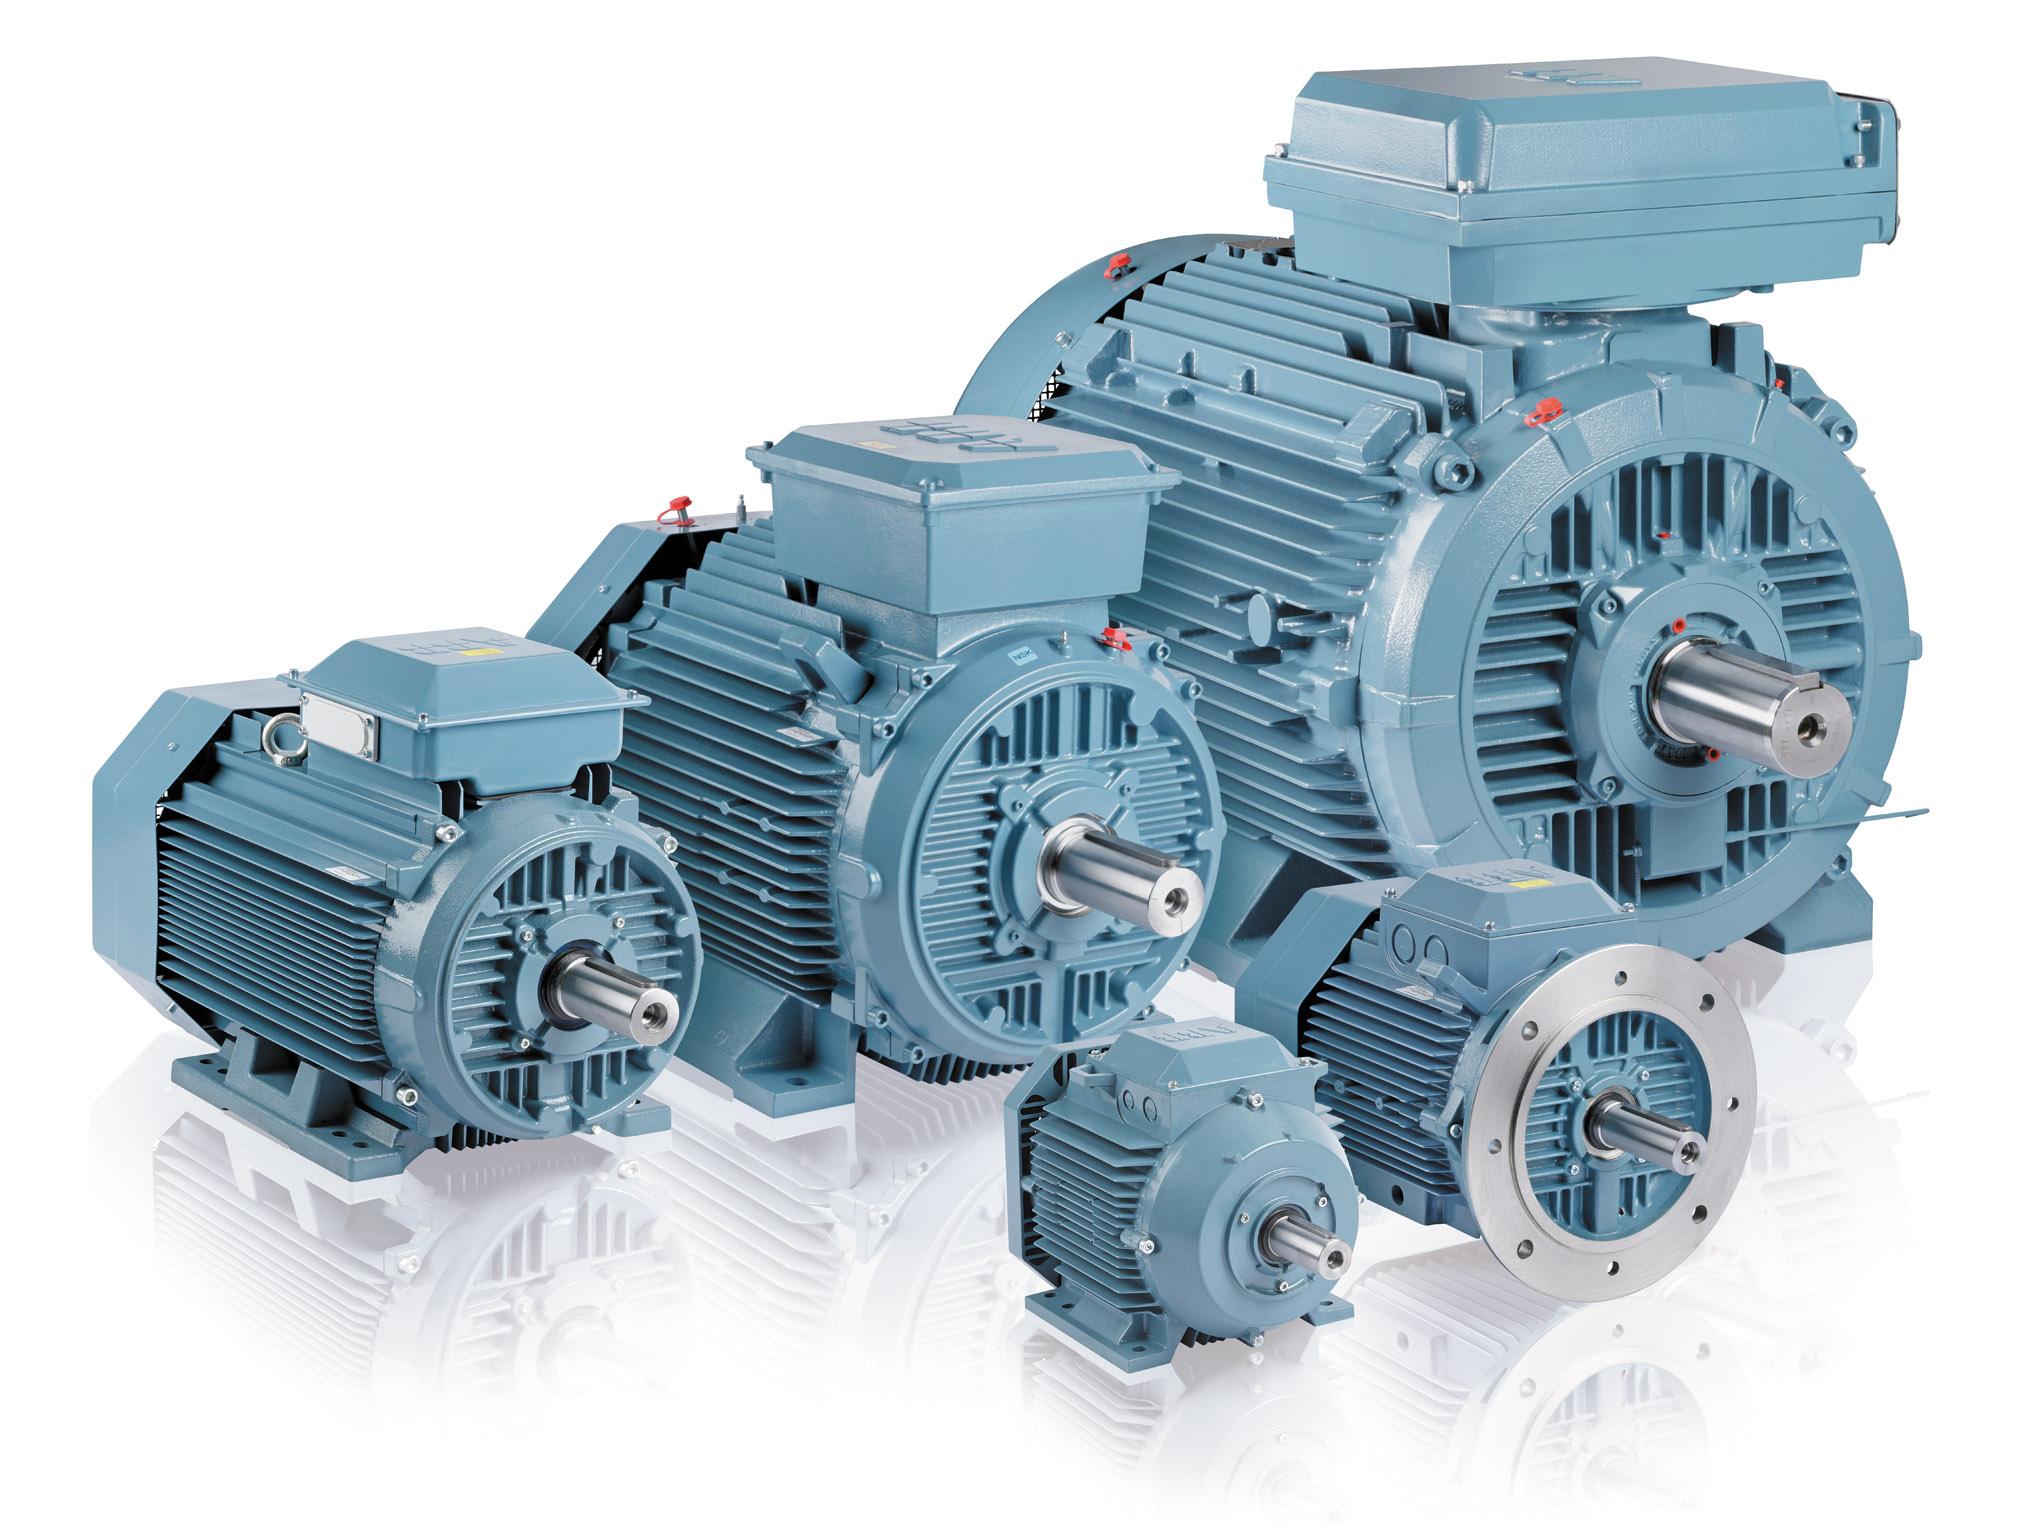 Рис. 1. Двигатели промышленного назначения от АББ